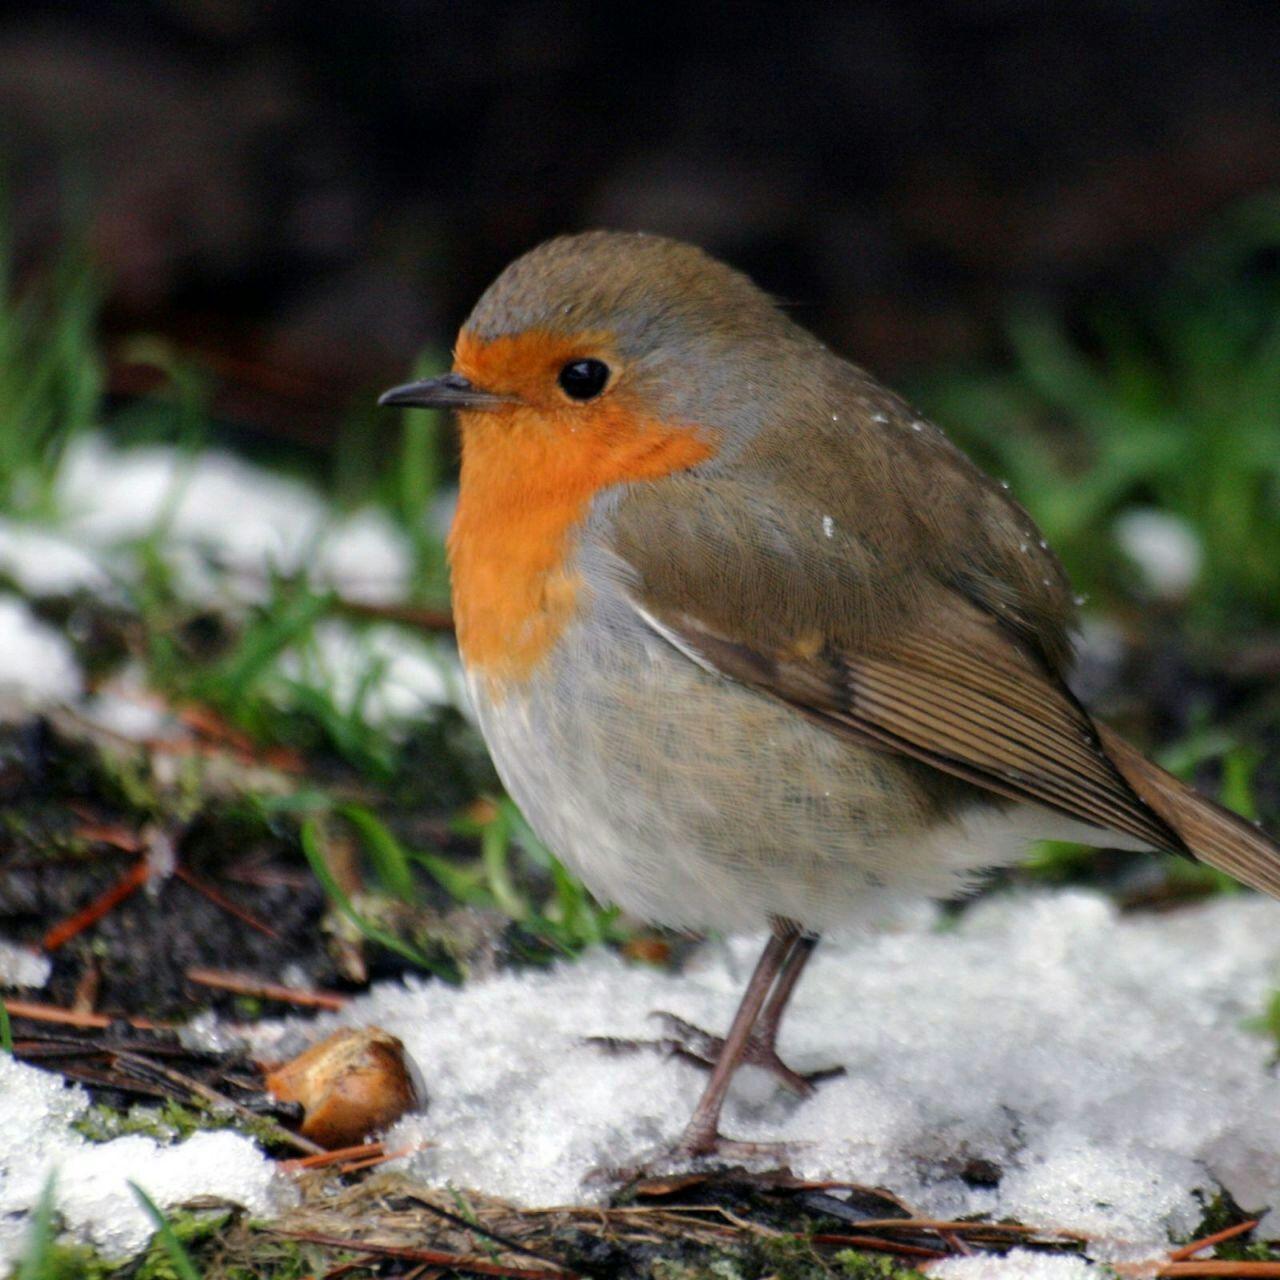 Roodborstje Tiere Hubsche Vogel Tierbilder